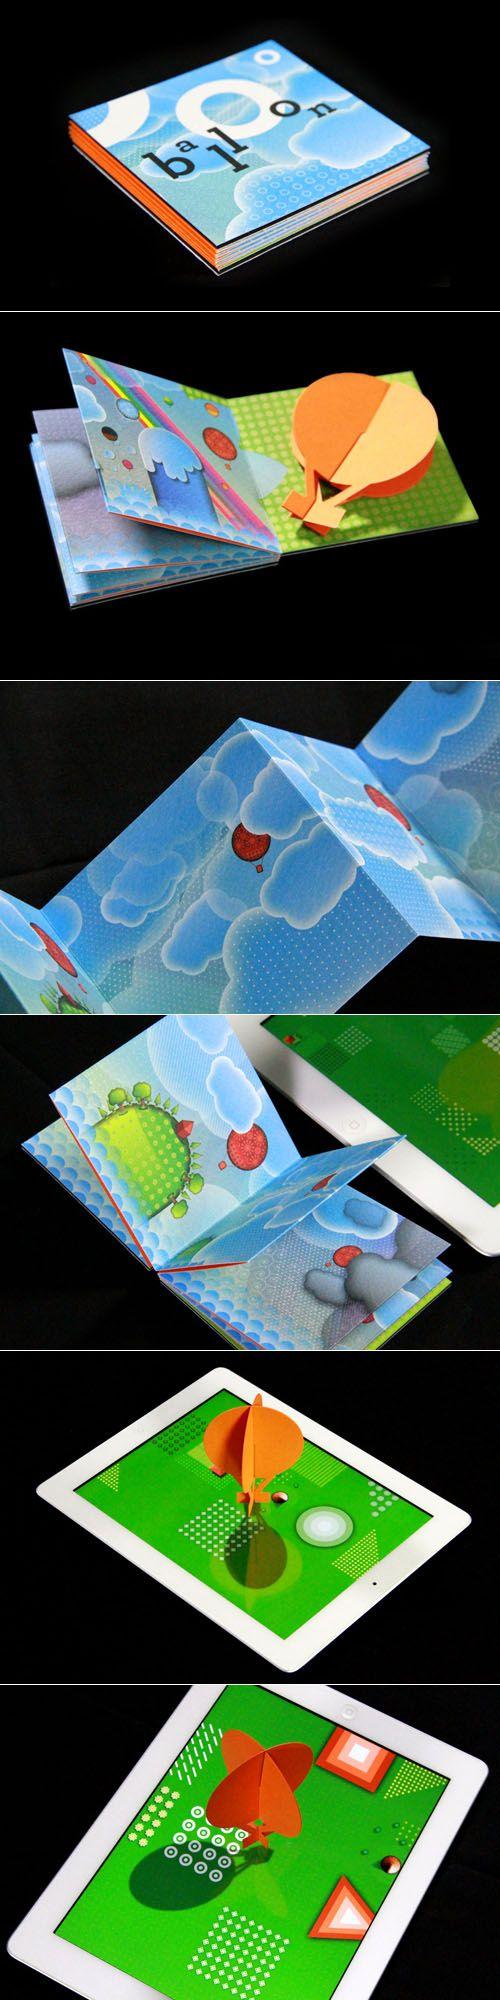 Balloon paper app by Volumiques (Etienne Mineur)